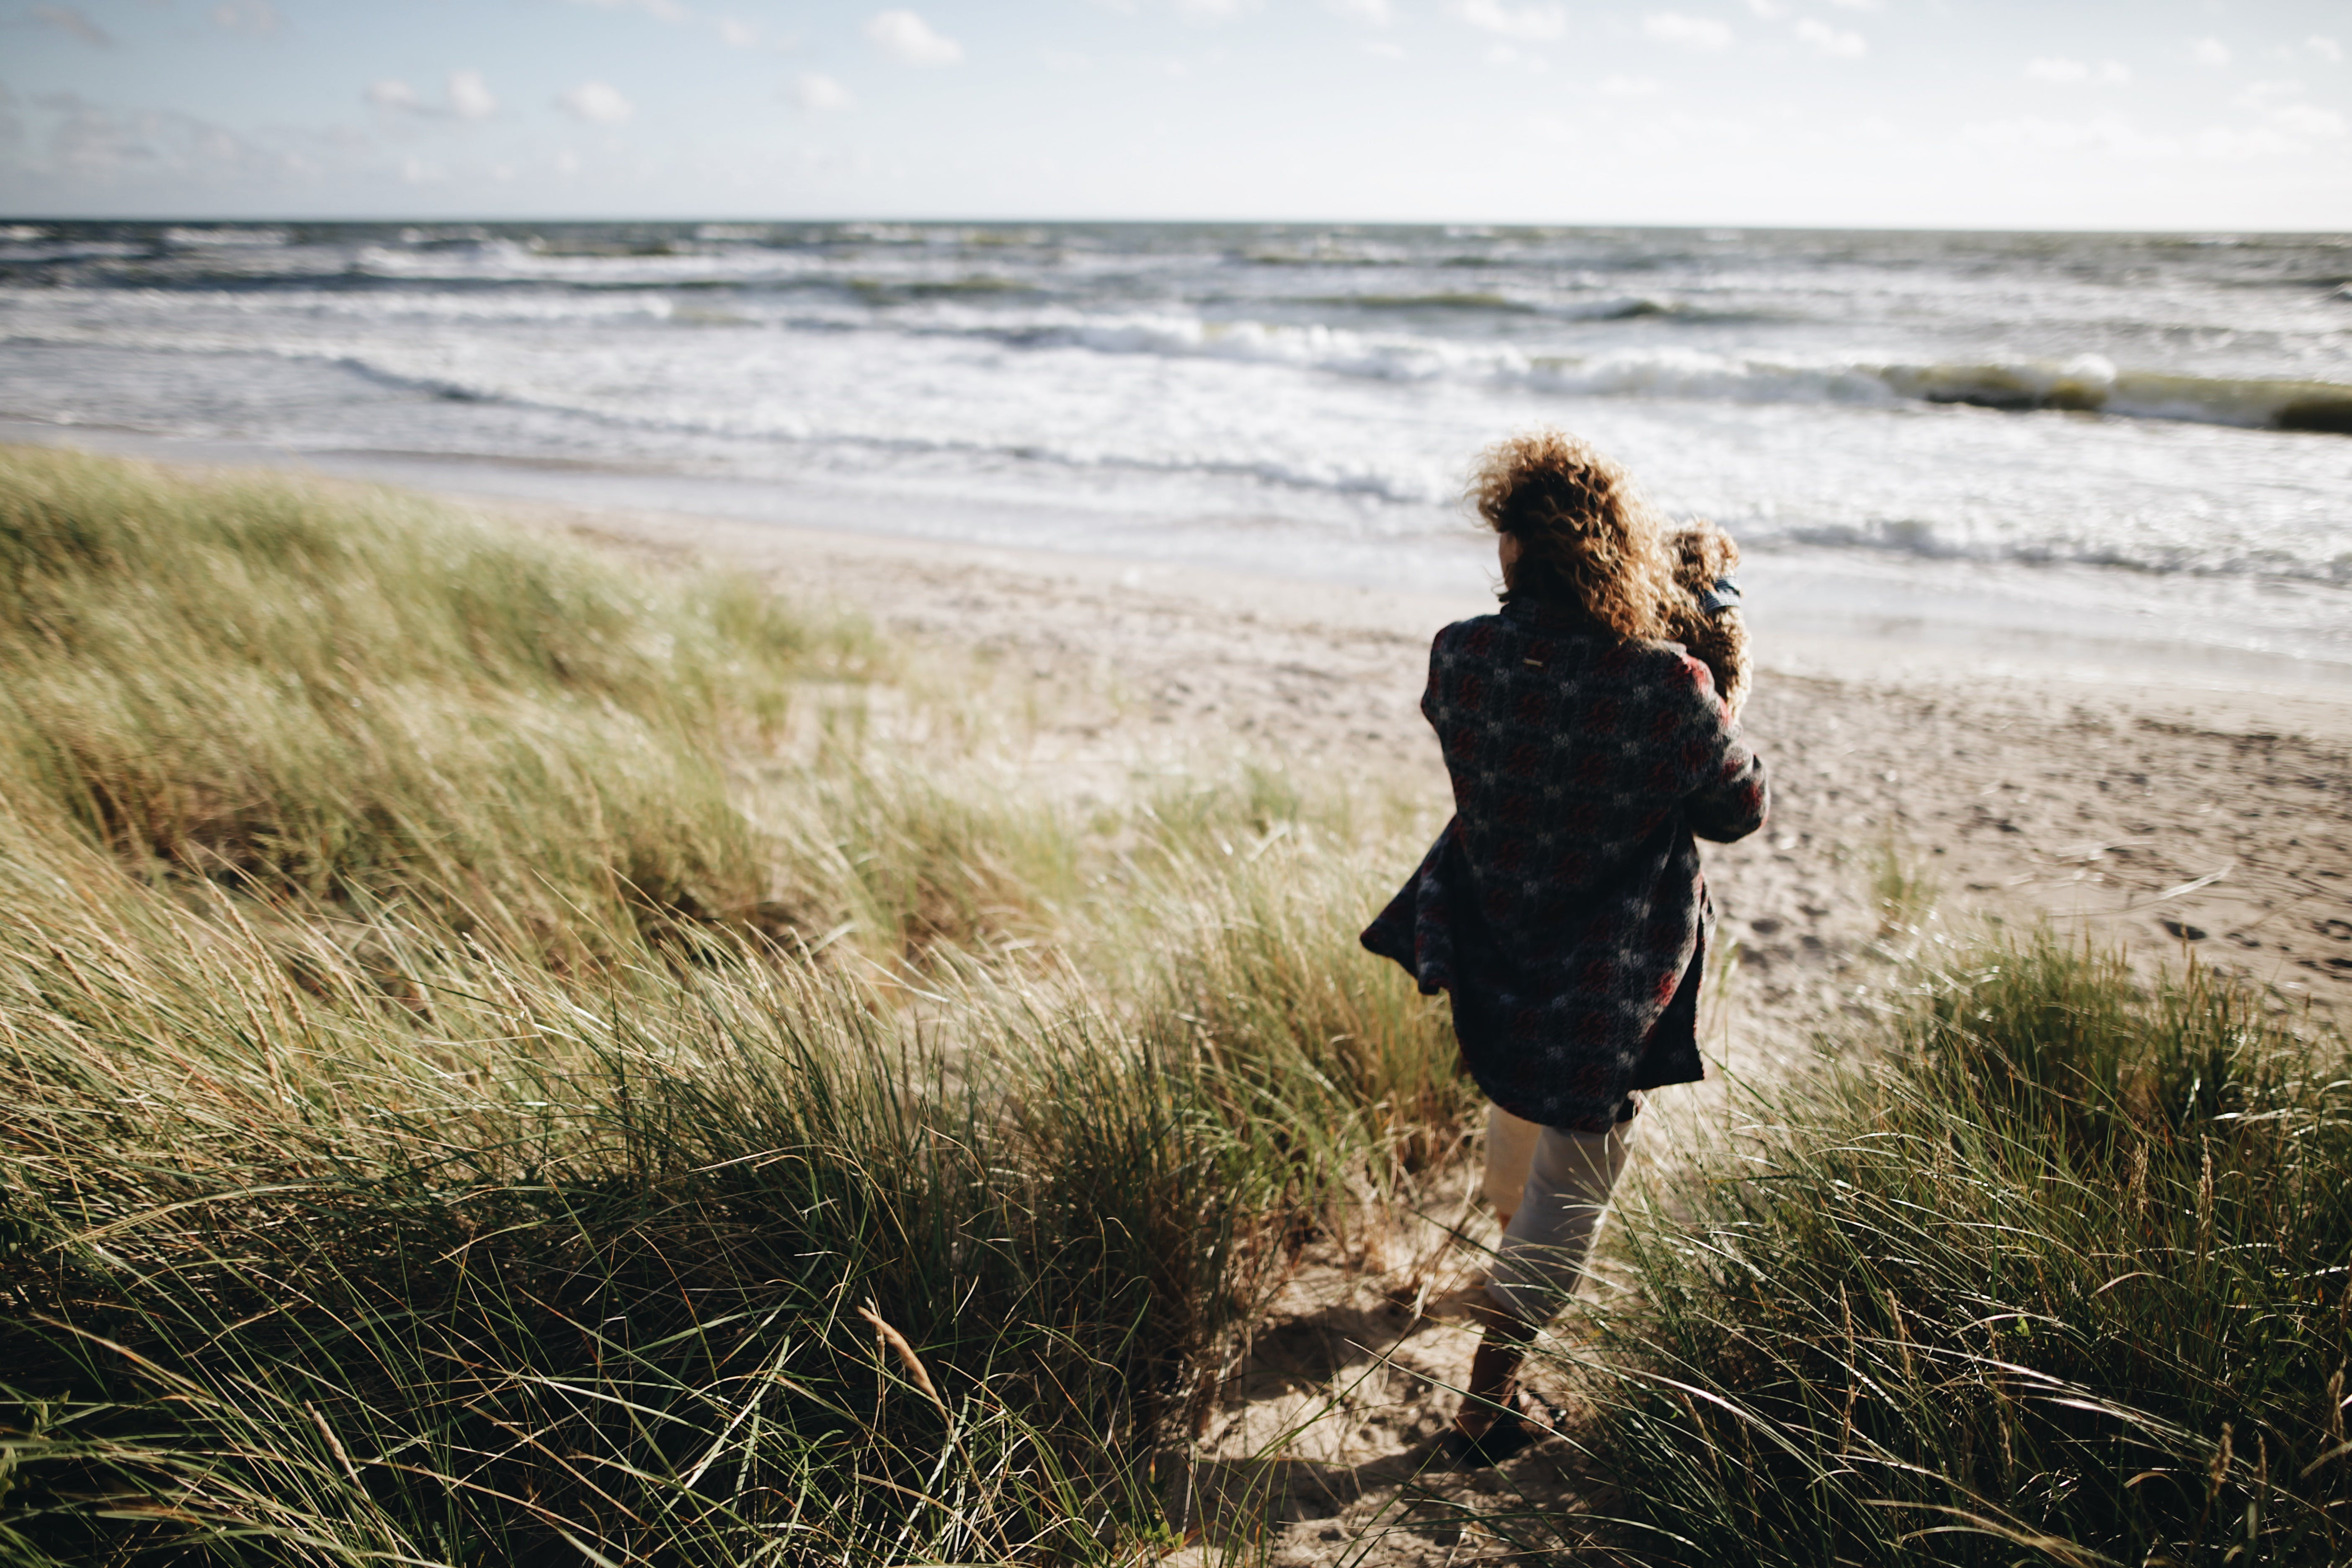 Kostenloses Stock Foto zu erholung, freizeit, gras, landschaft